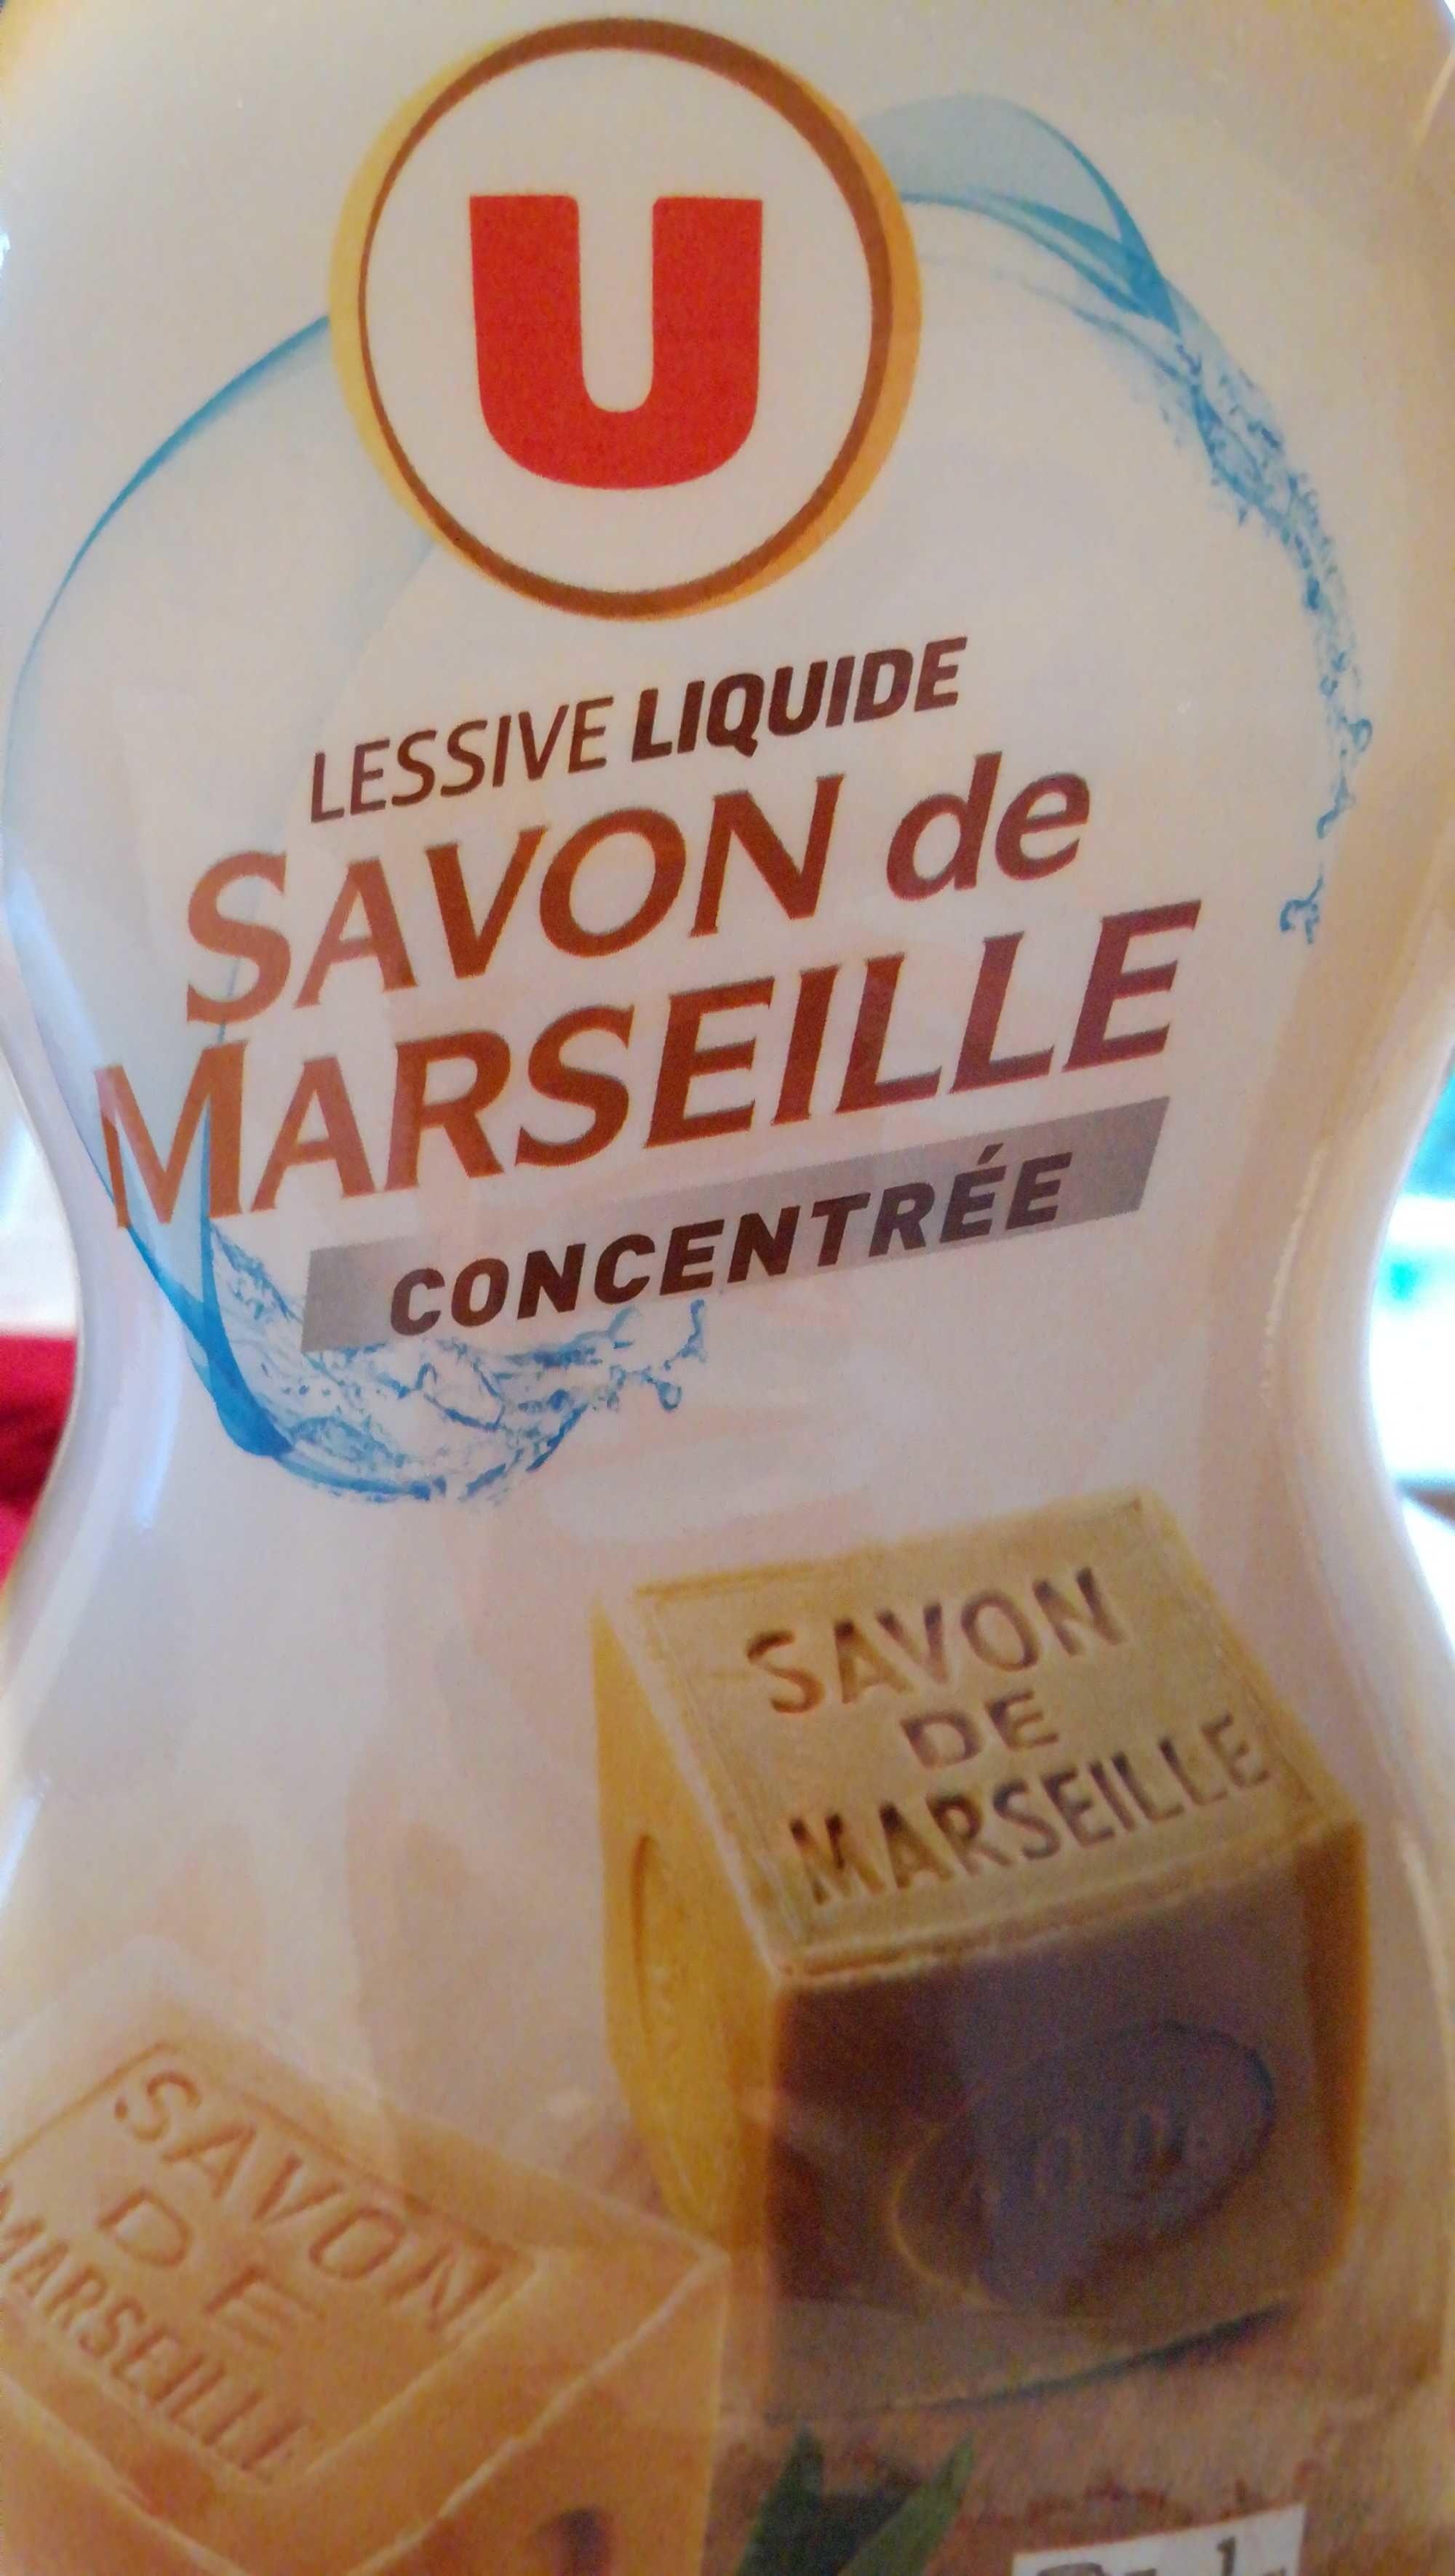 Lessive liquide savon de Marseille concentrée - Product - fr